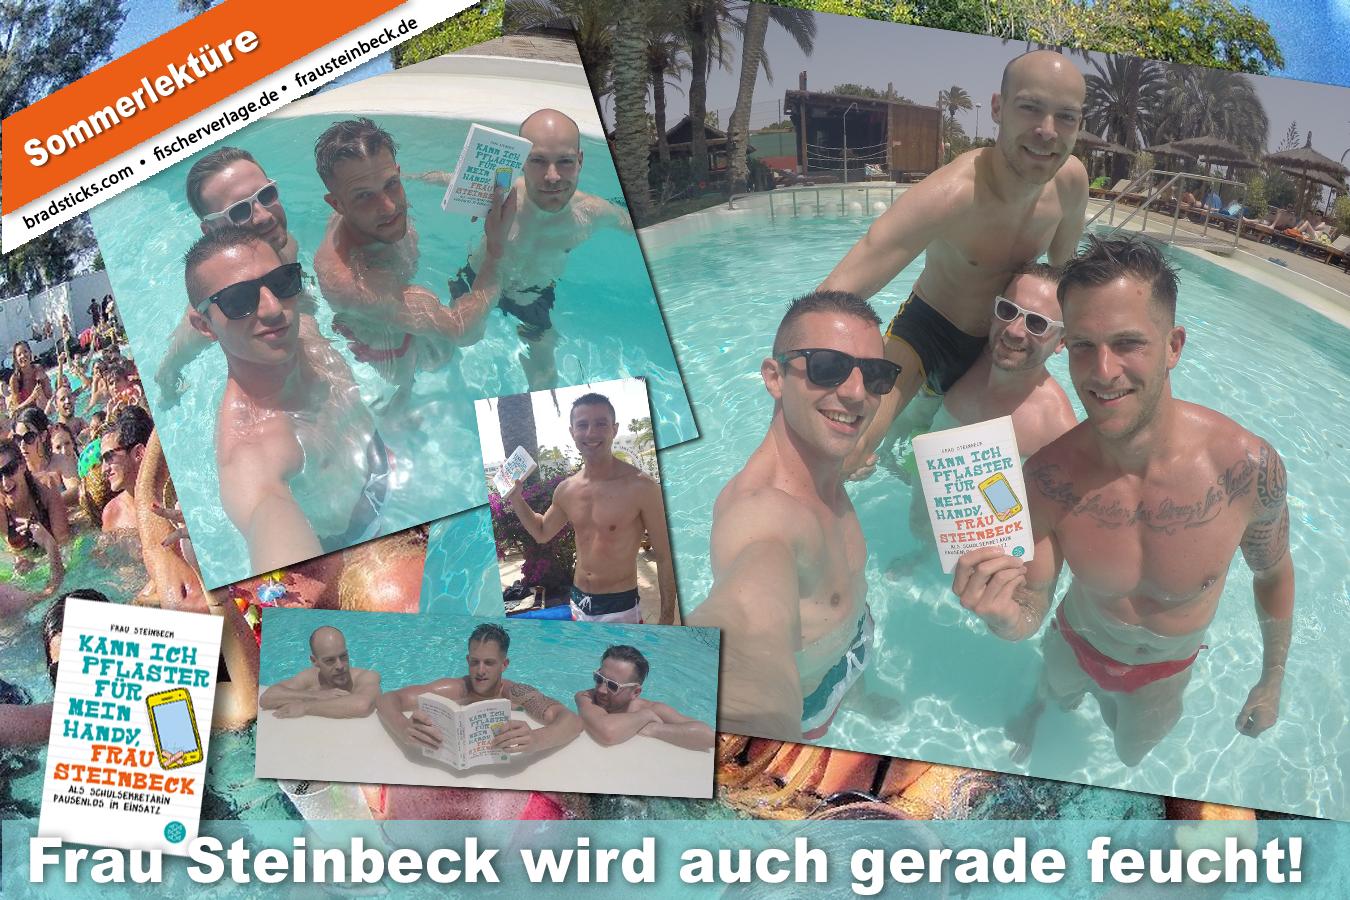 Frau Steinbeck am Pool